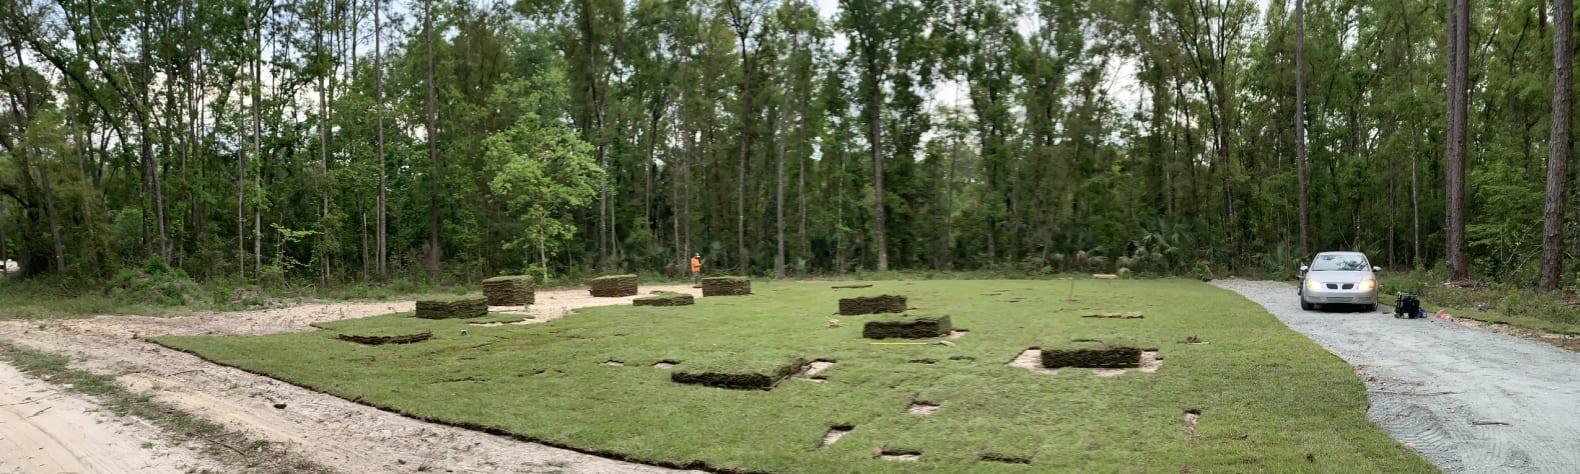 Vishal P.'s Land